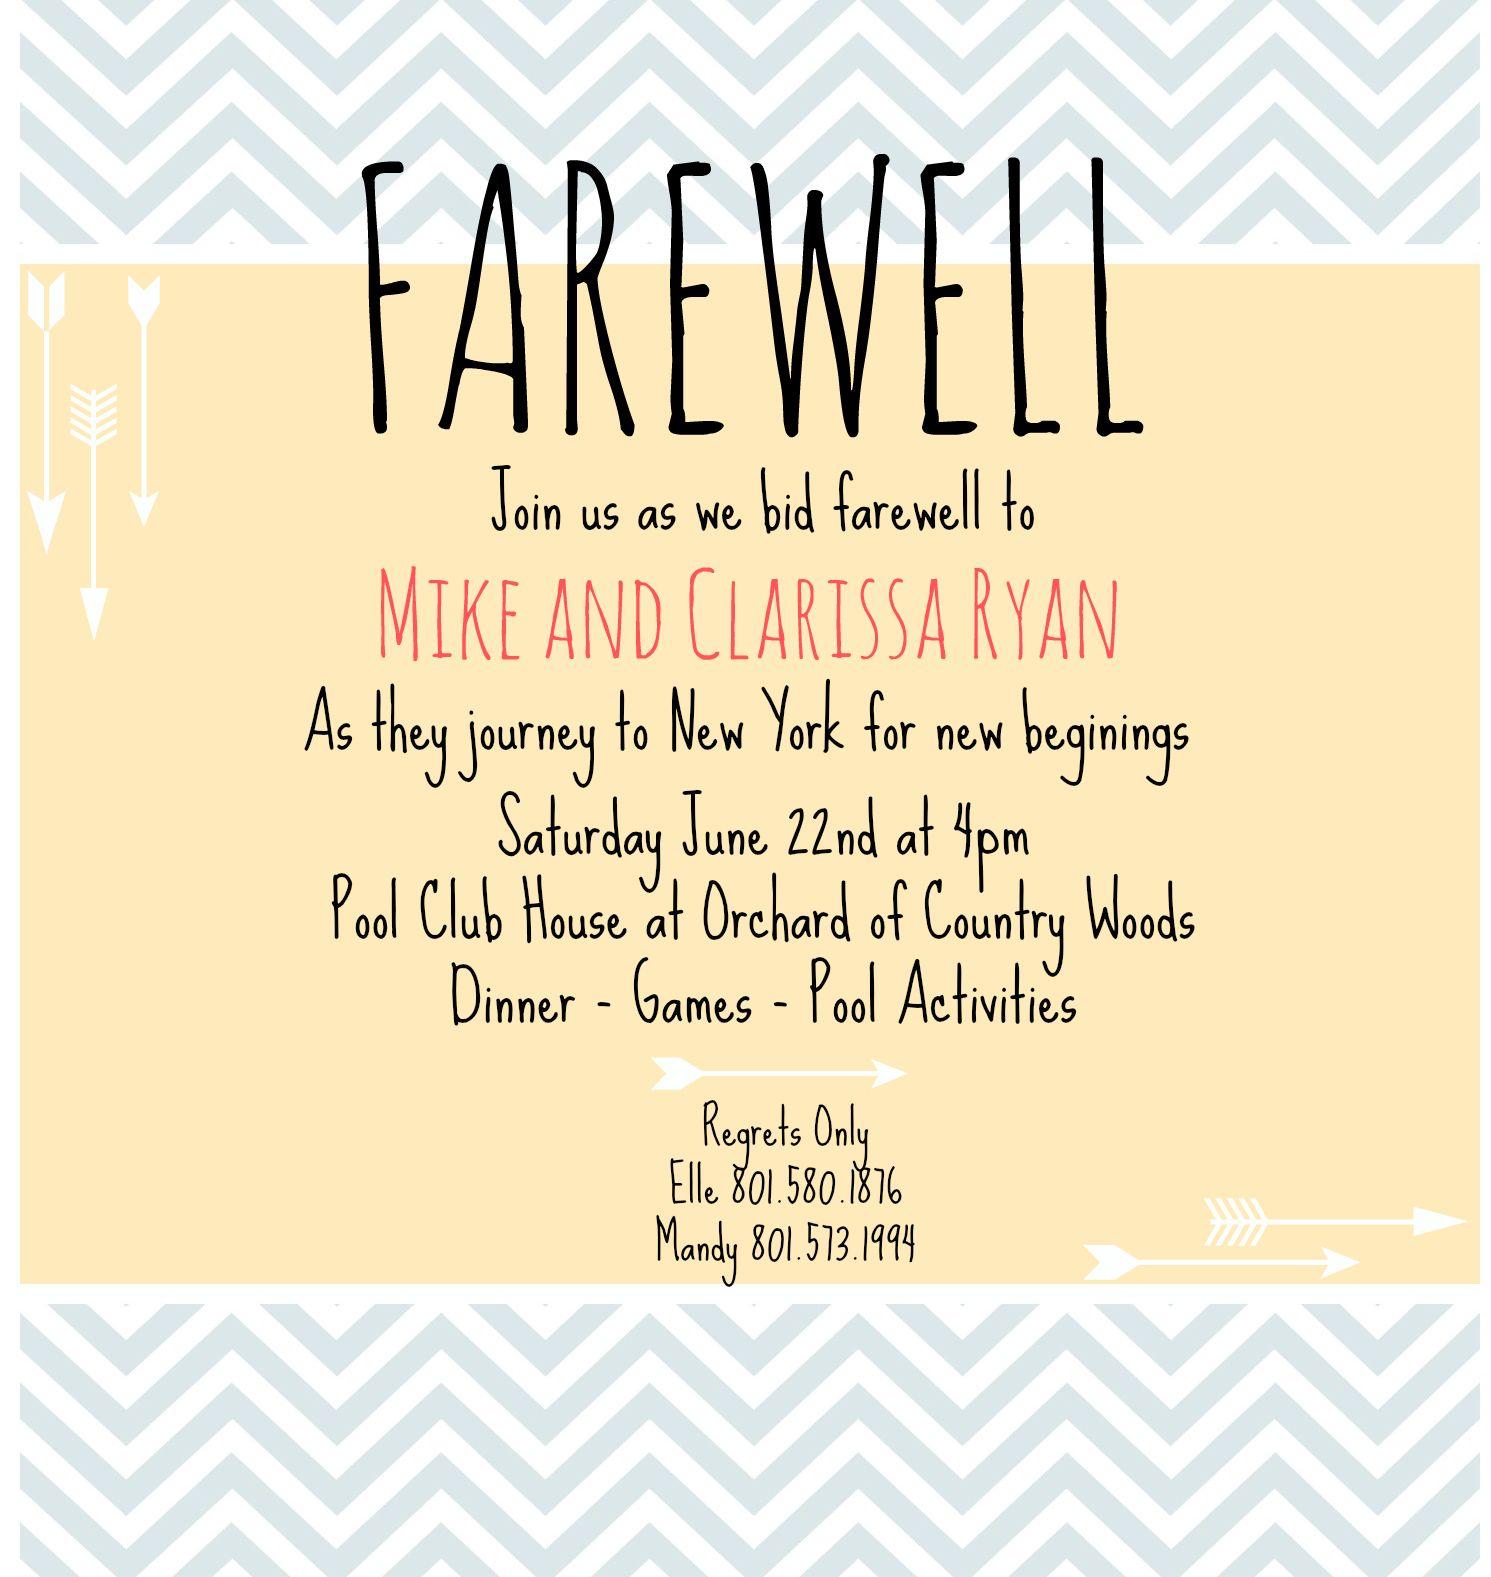 Farewell Invite